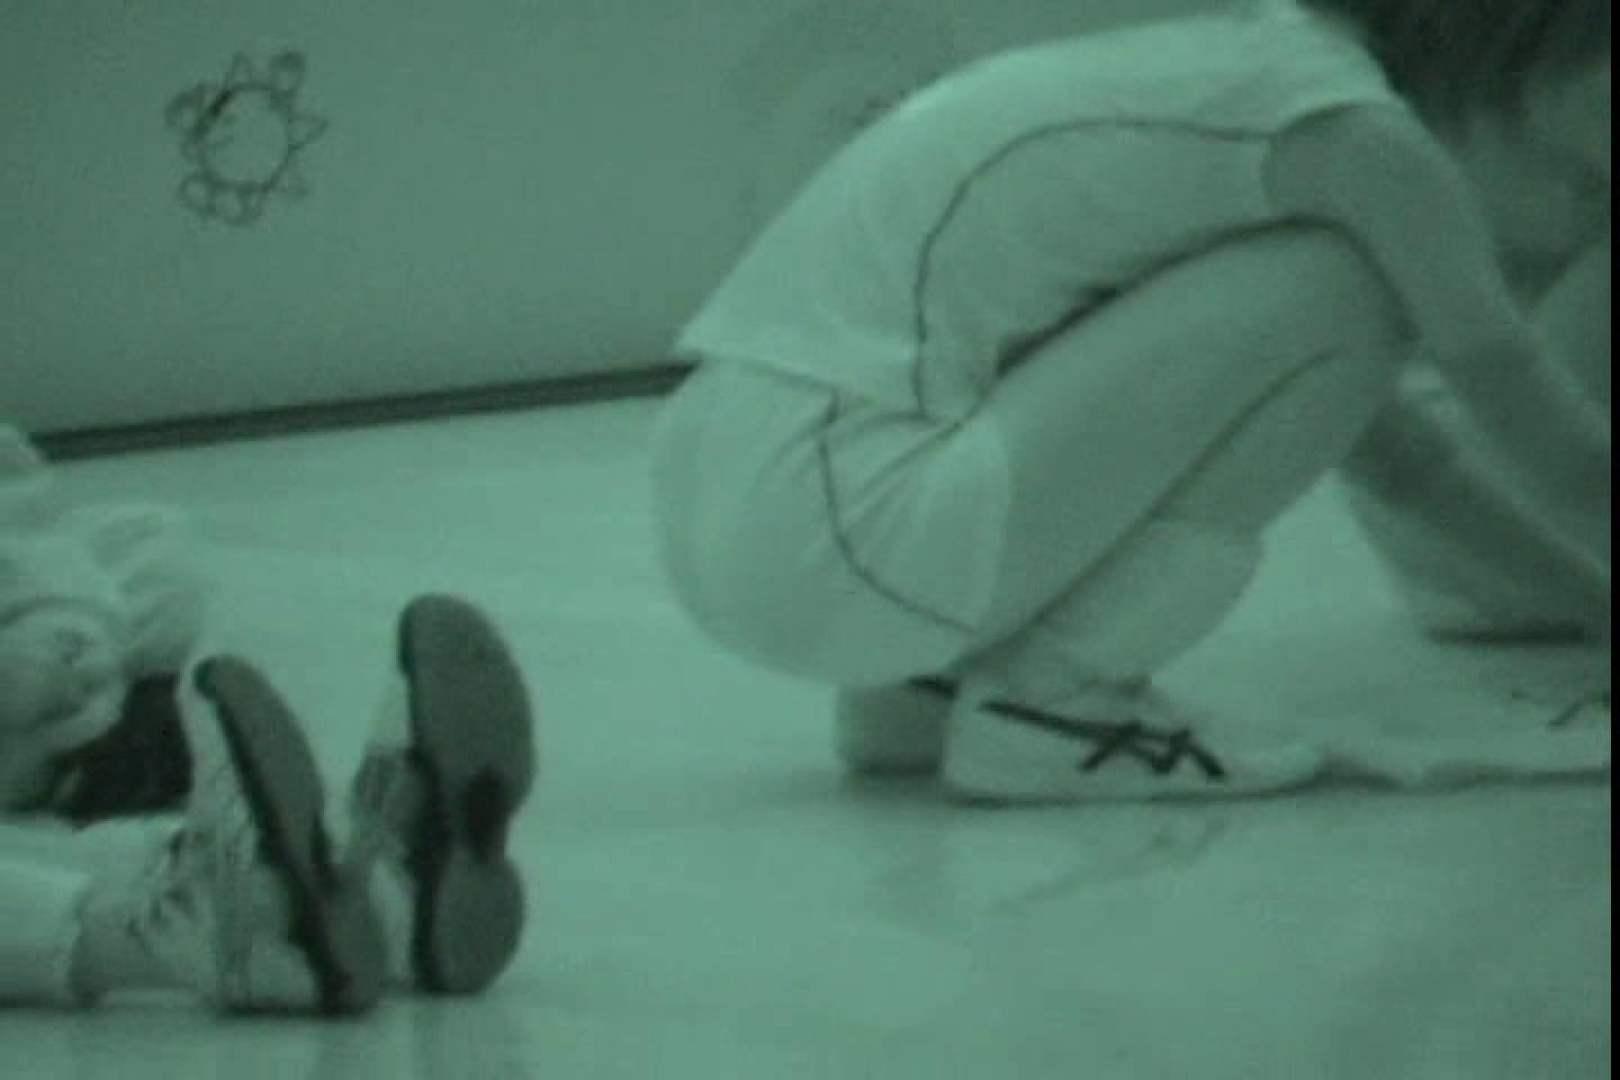 赤外線ムレスケバレー(汗) vol.04 赤外線 盗撮AV動画キャプチャ 82PICs 35